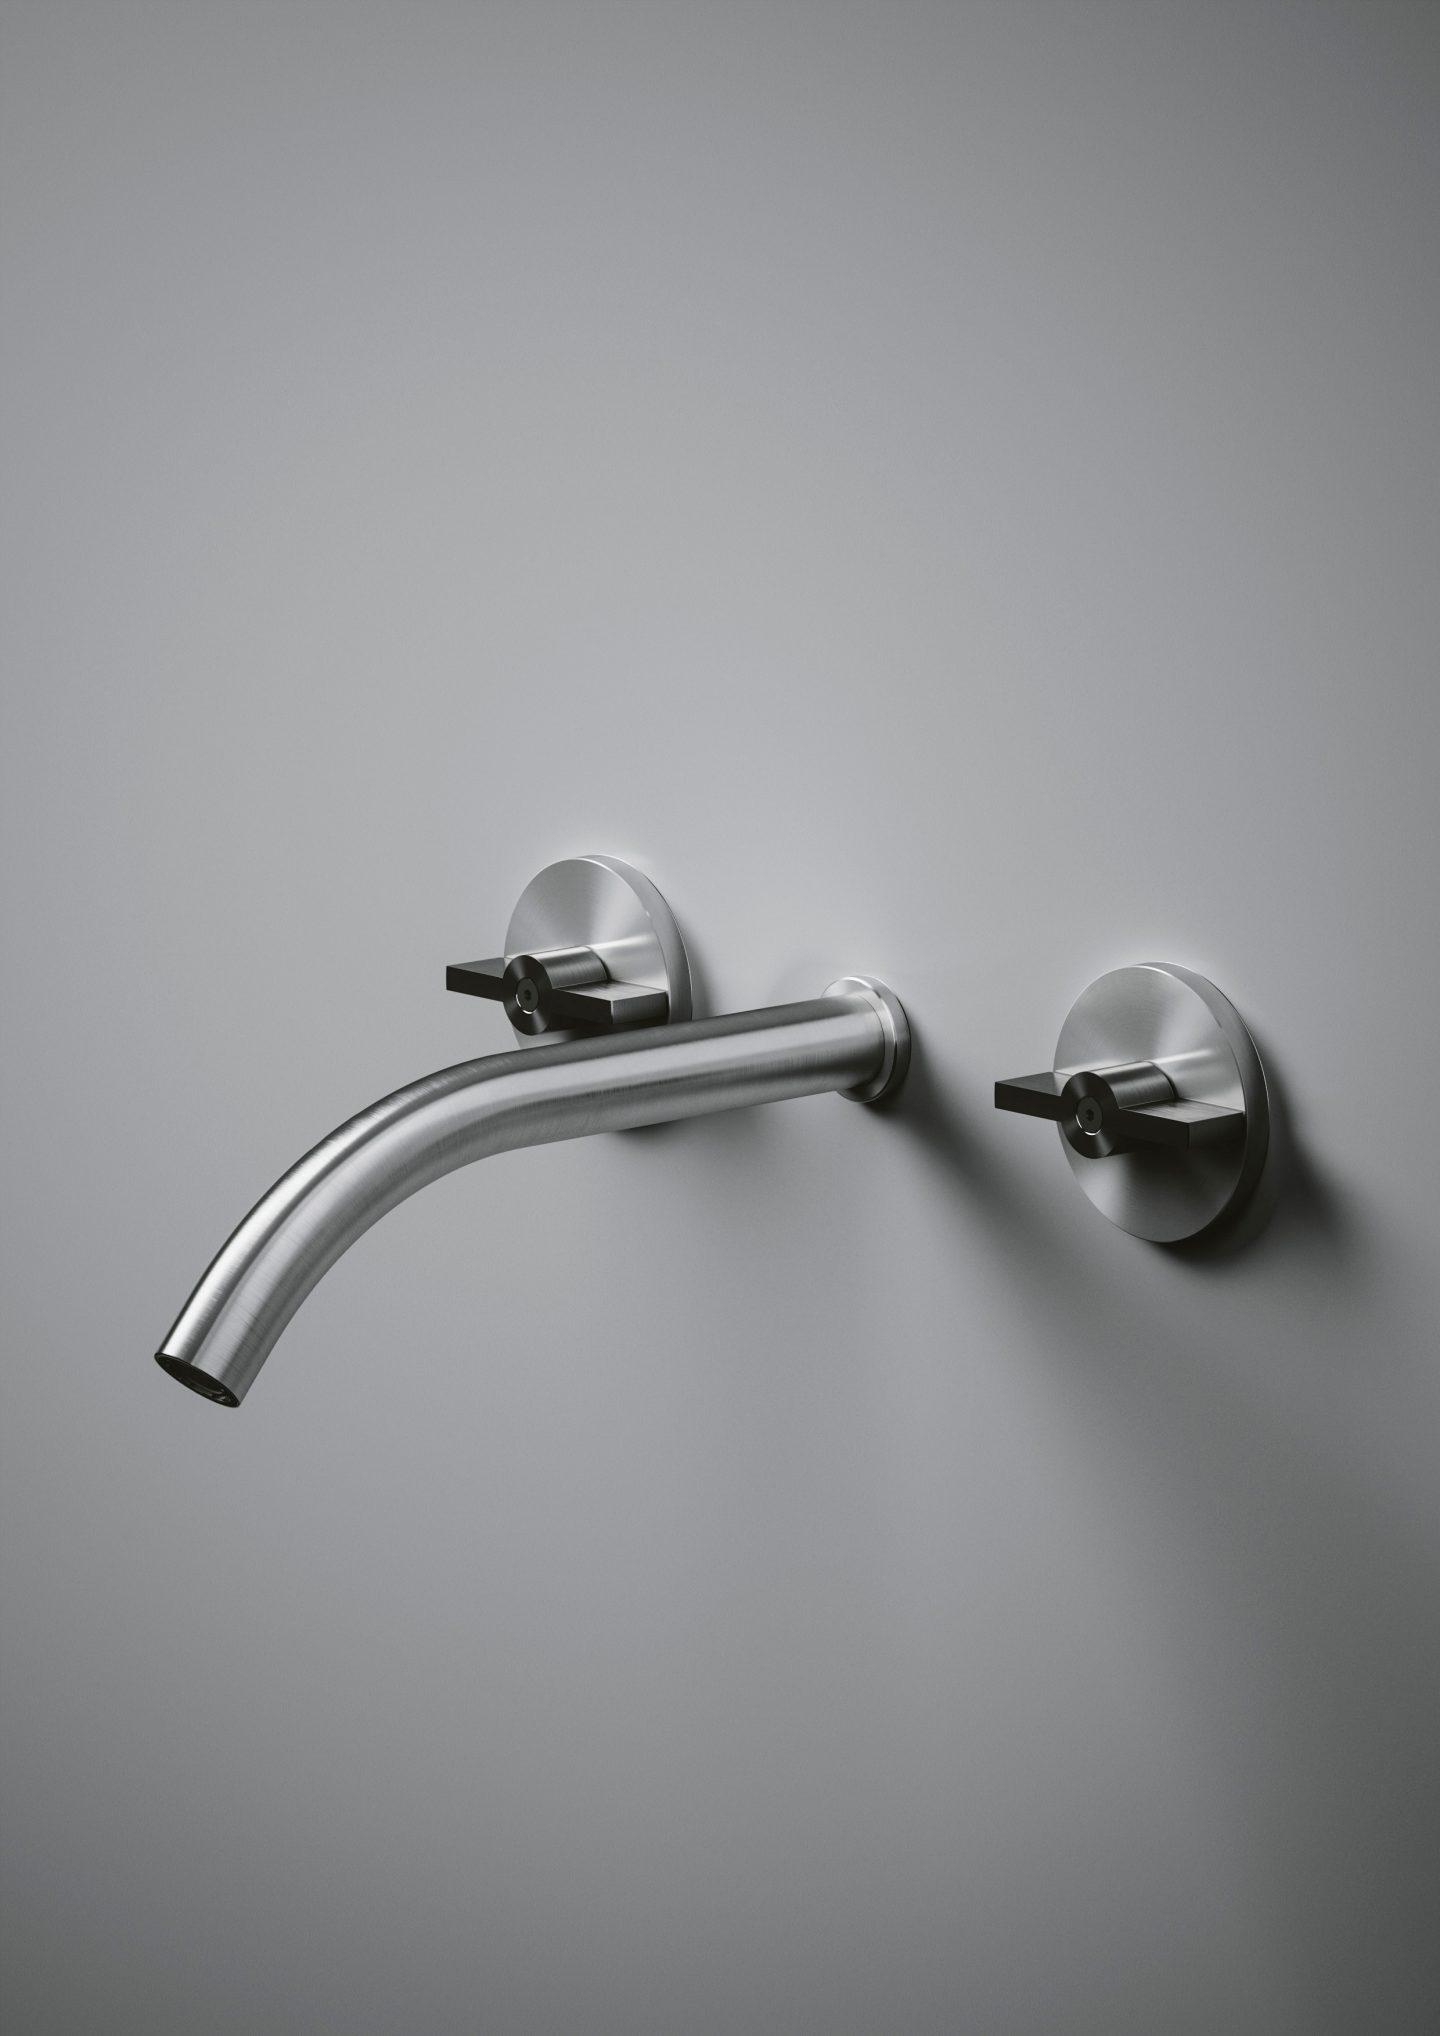 IGNANT-Design-Quadrodesign-Valvola01-6